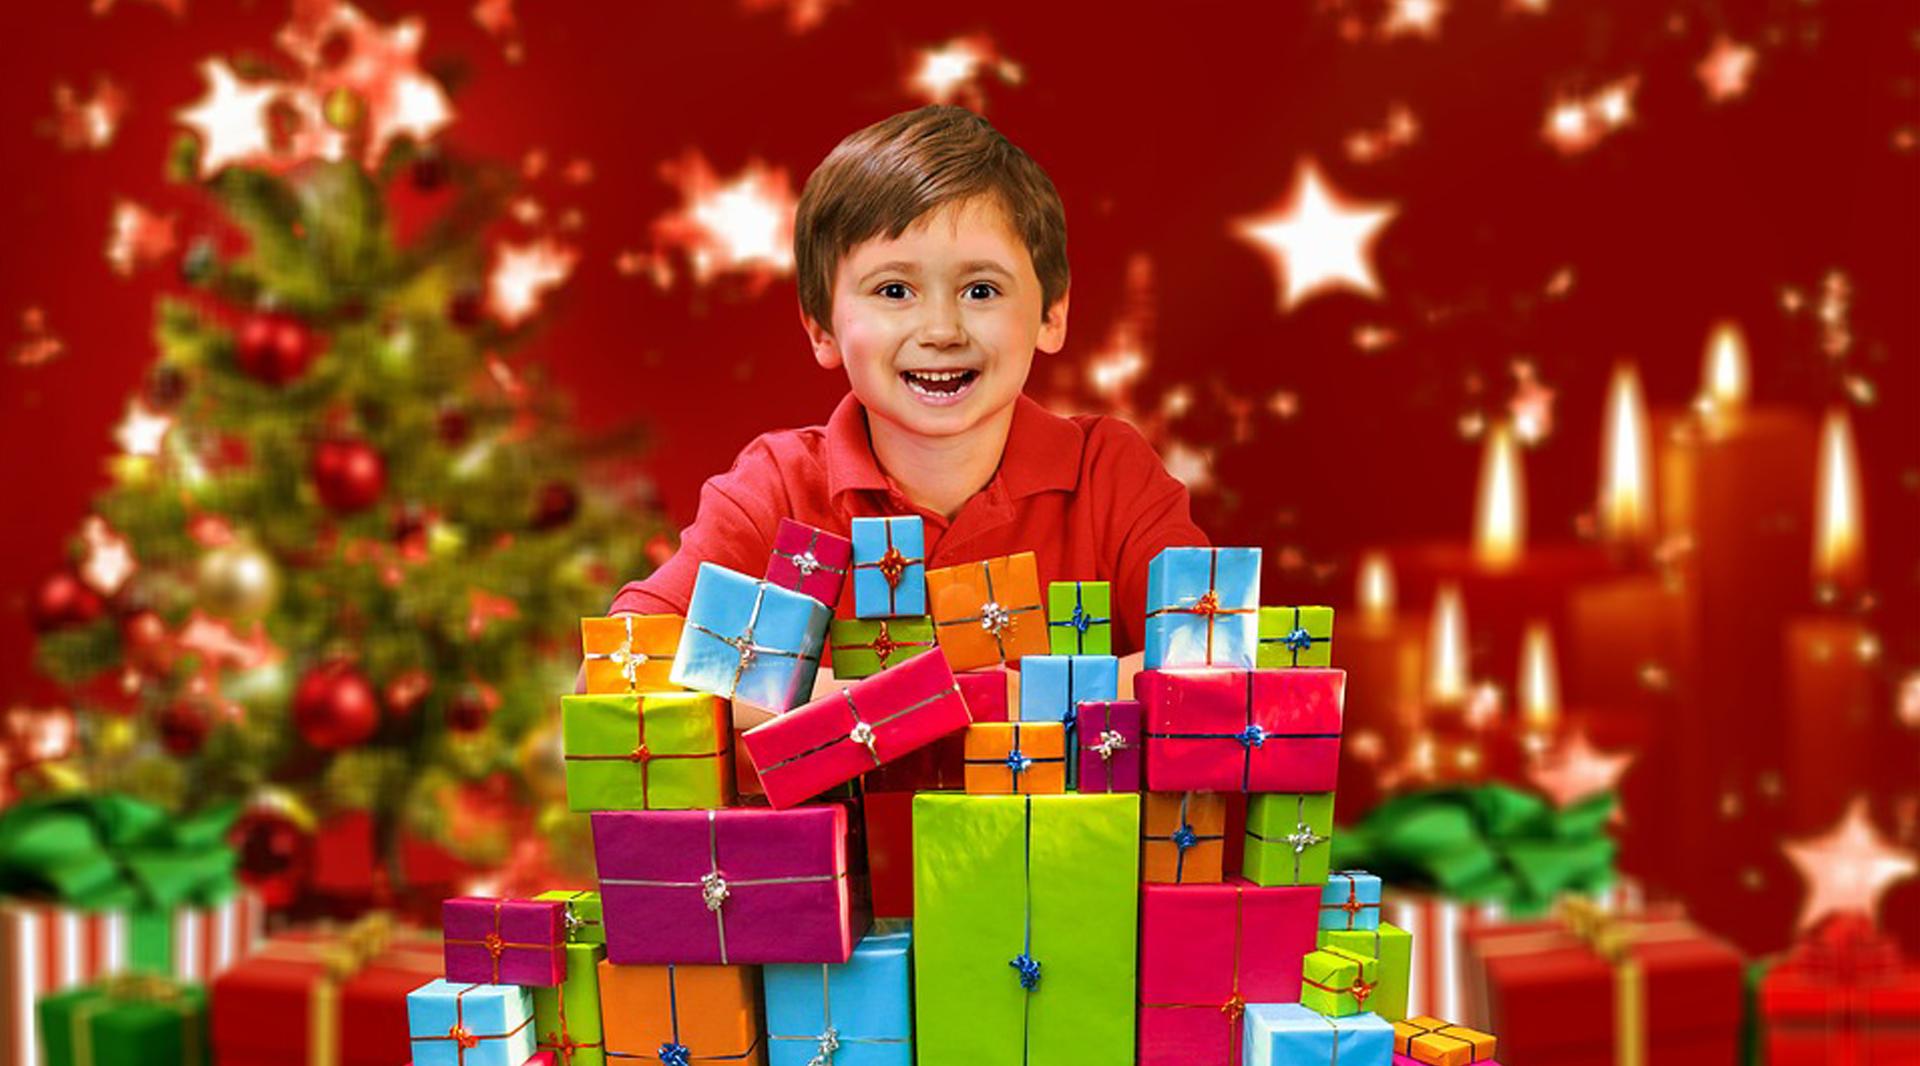 Zastępujesz świętego Mikołaja? Tych prezentów nie może zabraknąć w Twoim worku!